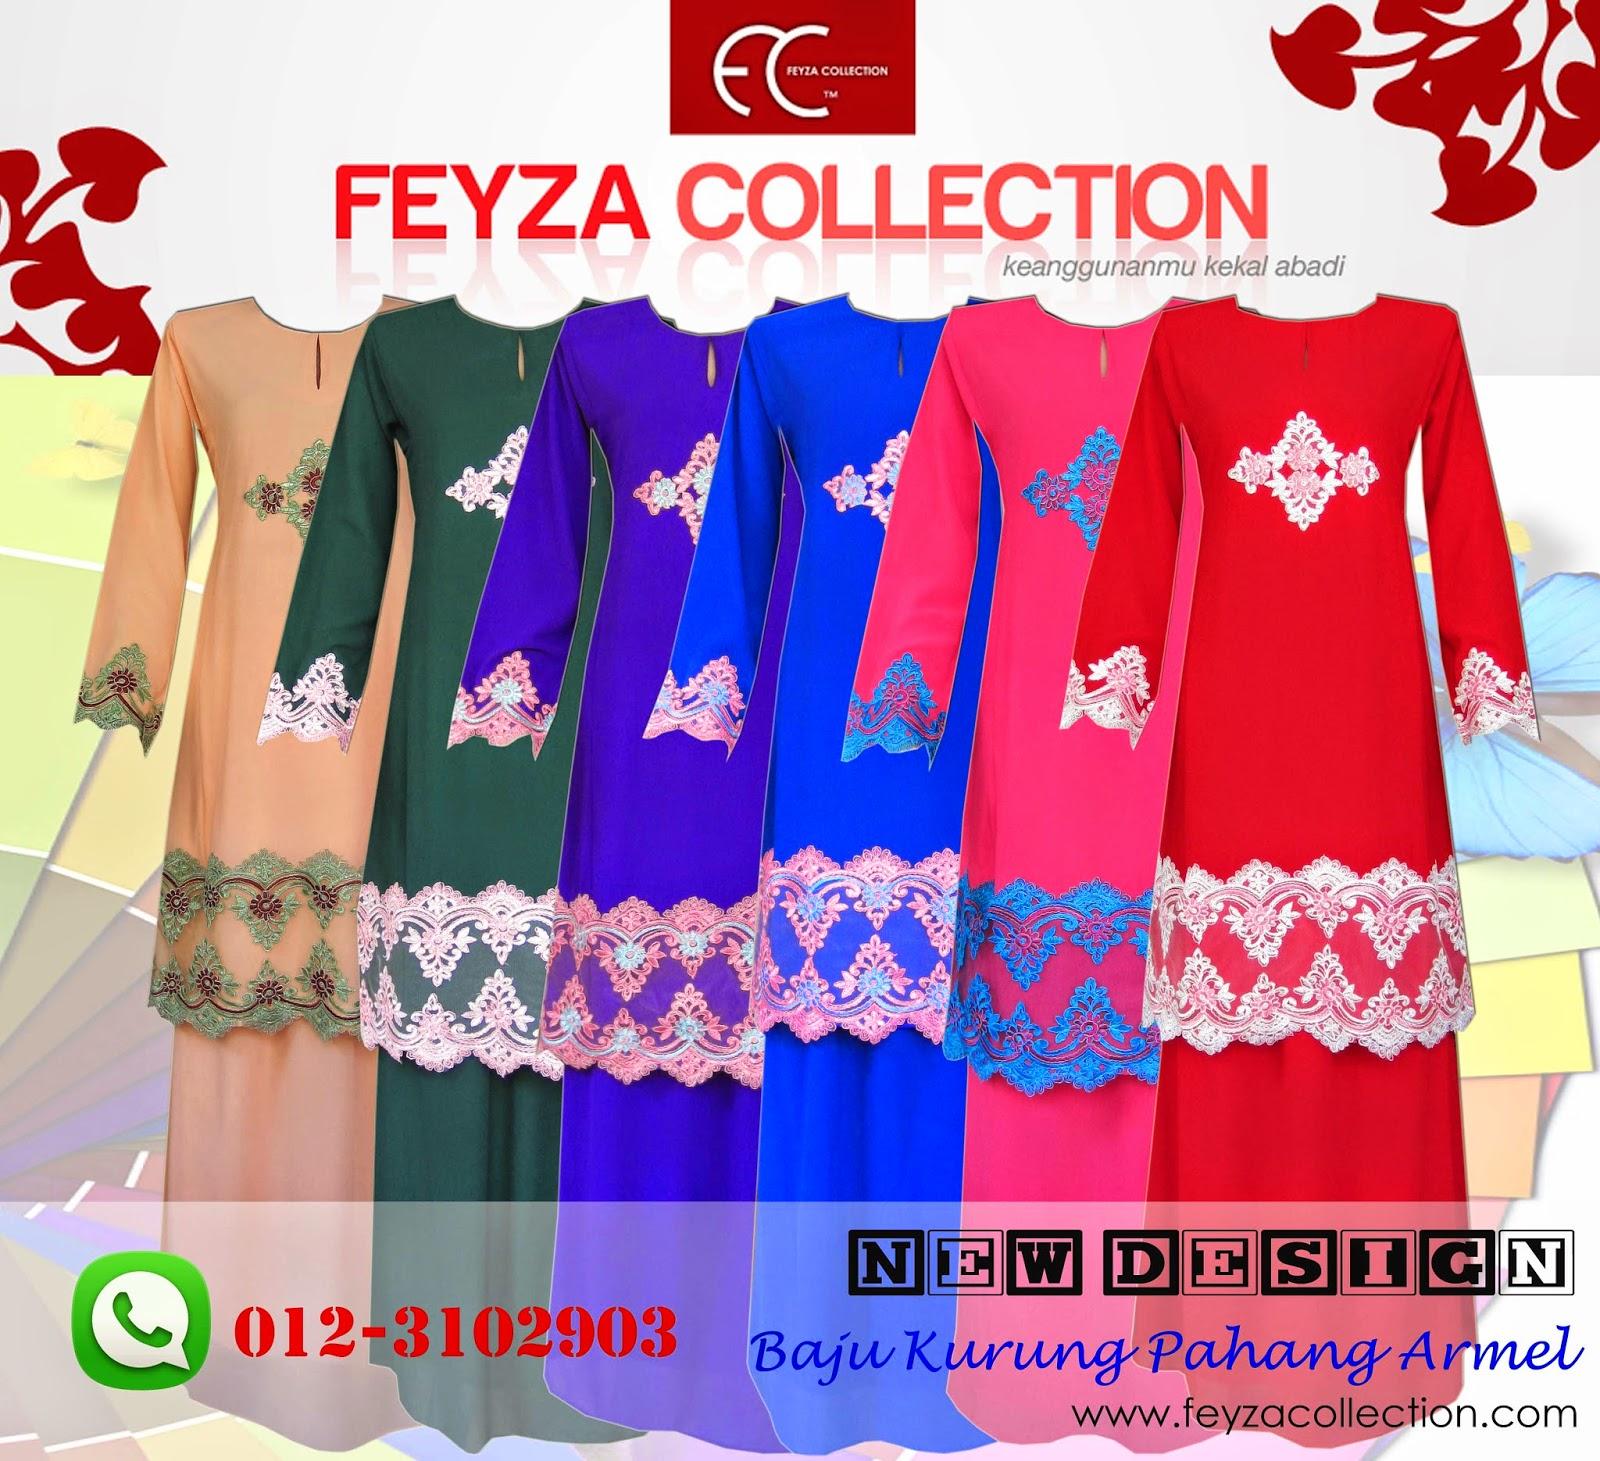 http://www.feyzacollection.com/2014/10/baju-kurung-pahang-armel-terkini.html